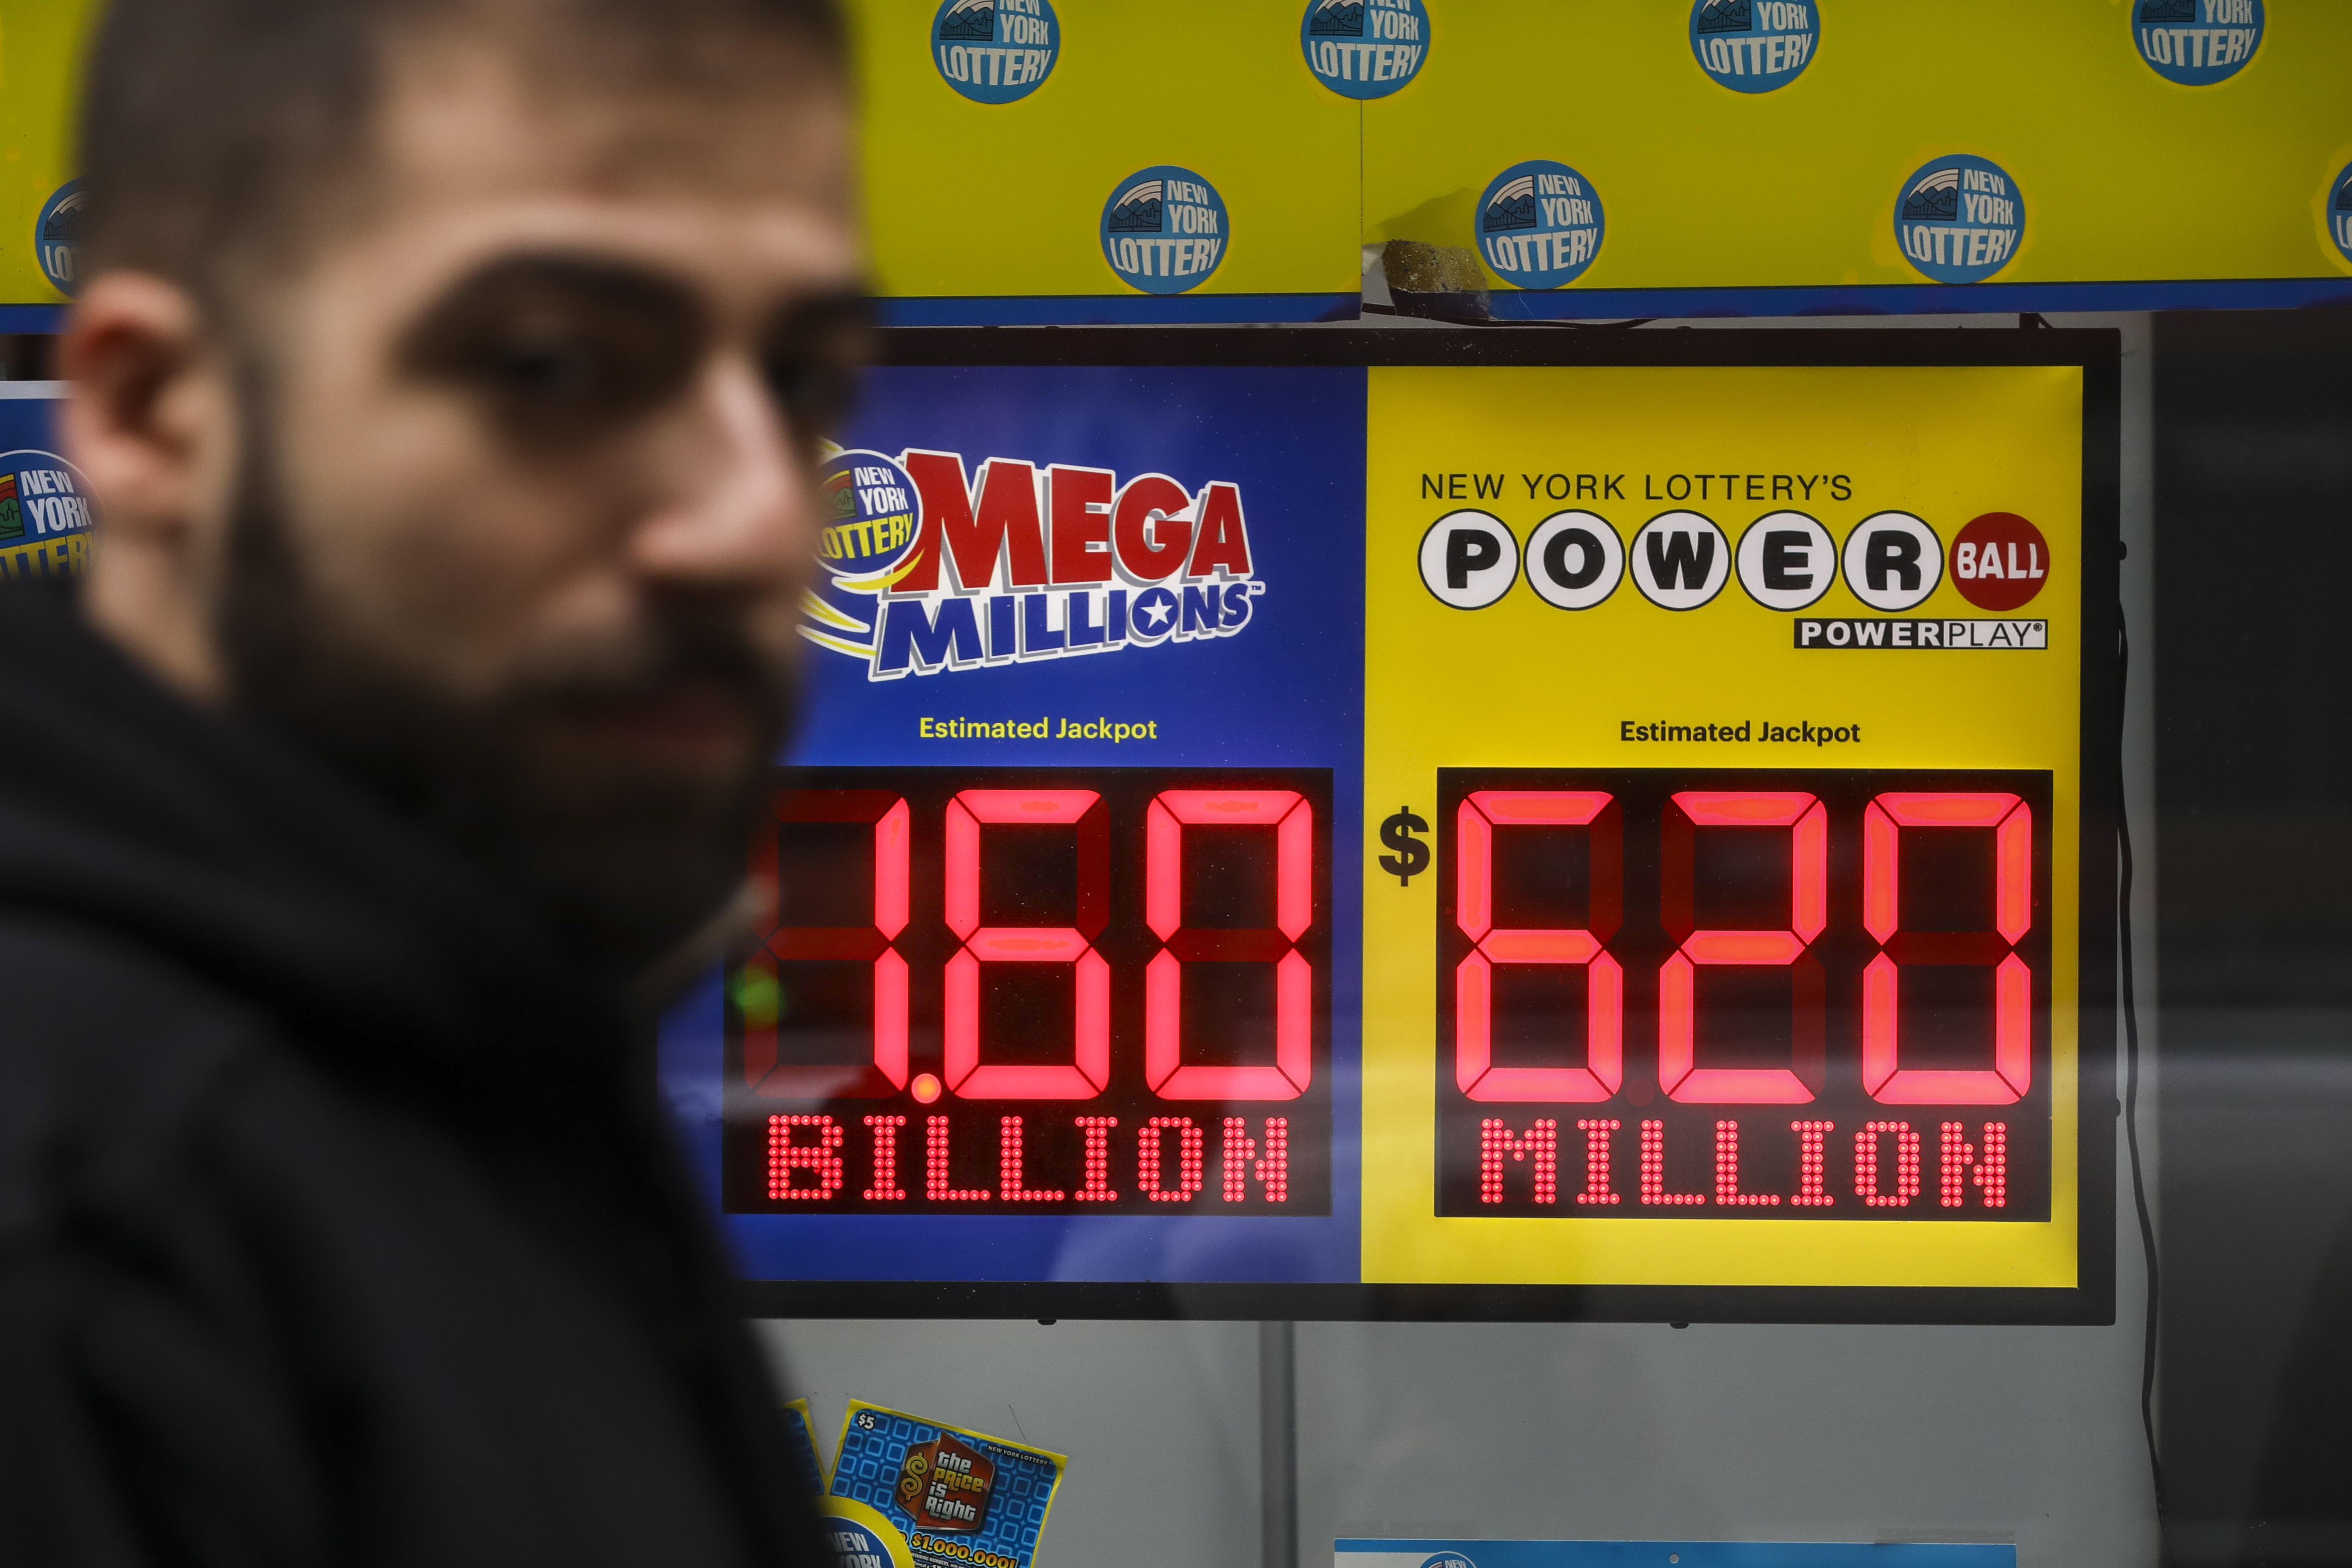 Mega Millions winning numbers tonight: 5, 28, 62, 65, 70 ...